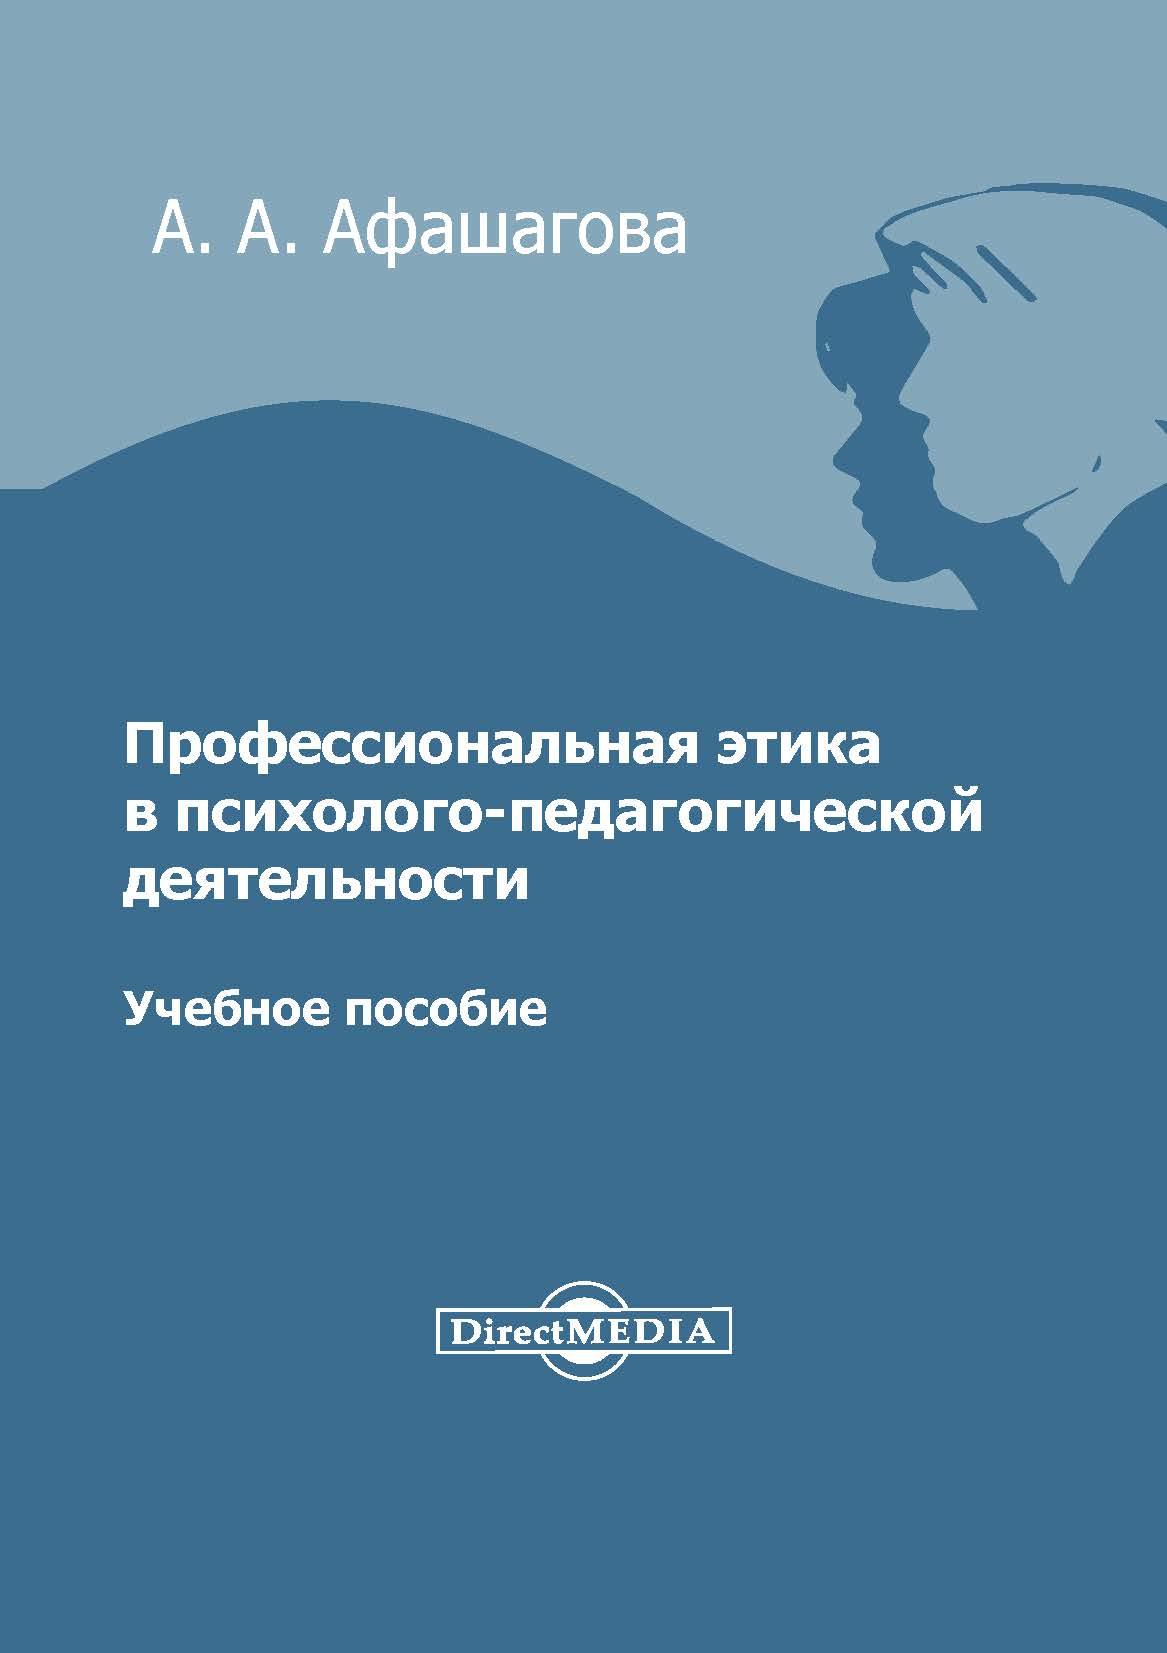 Аминат Афашагова Профессиональная этика в психолого-педагогической деятельности т в иванчикова речевая компетентность в педагогической деятельности